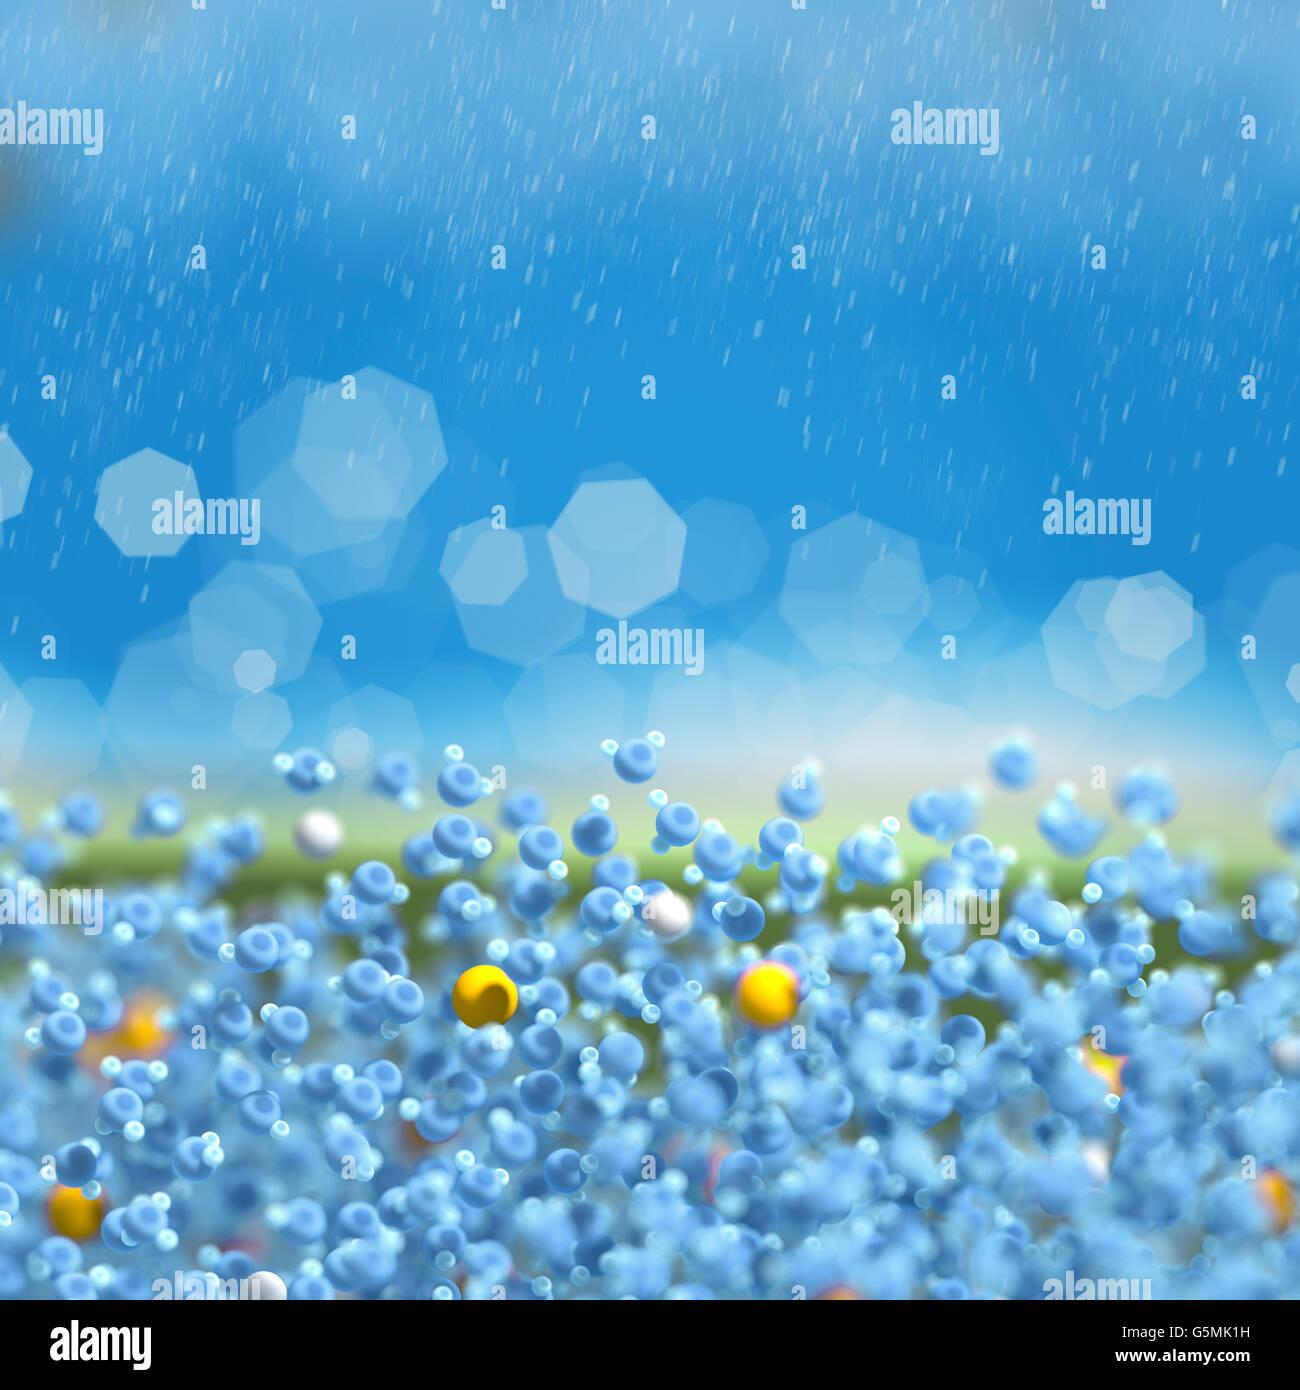 Wasser In Blau Ist Eine Chemische Verbindung Mit